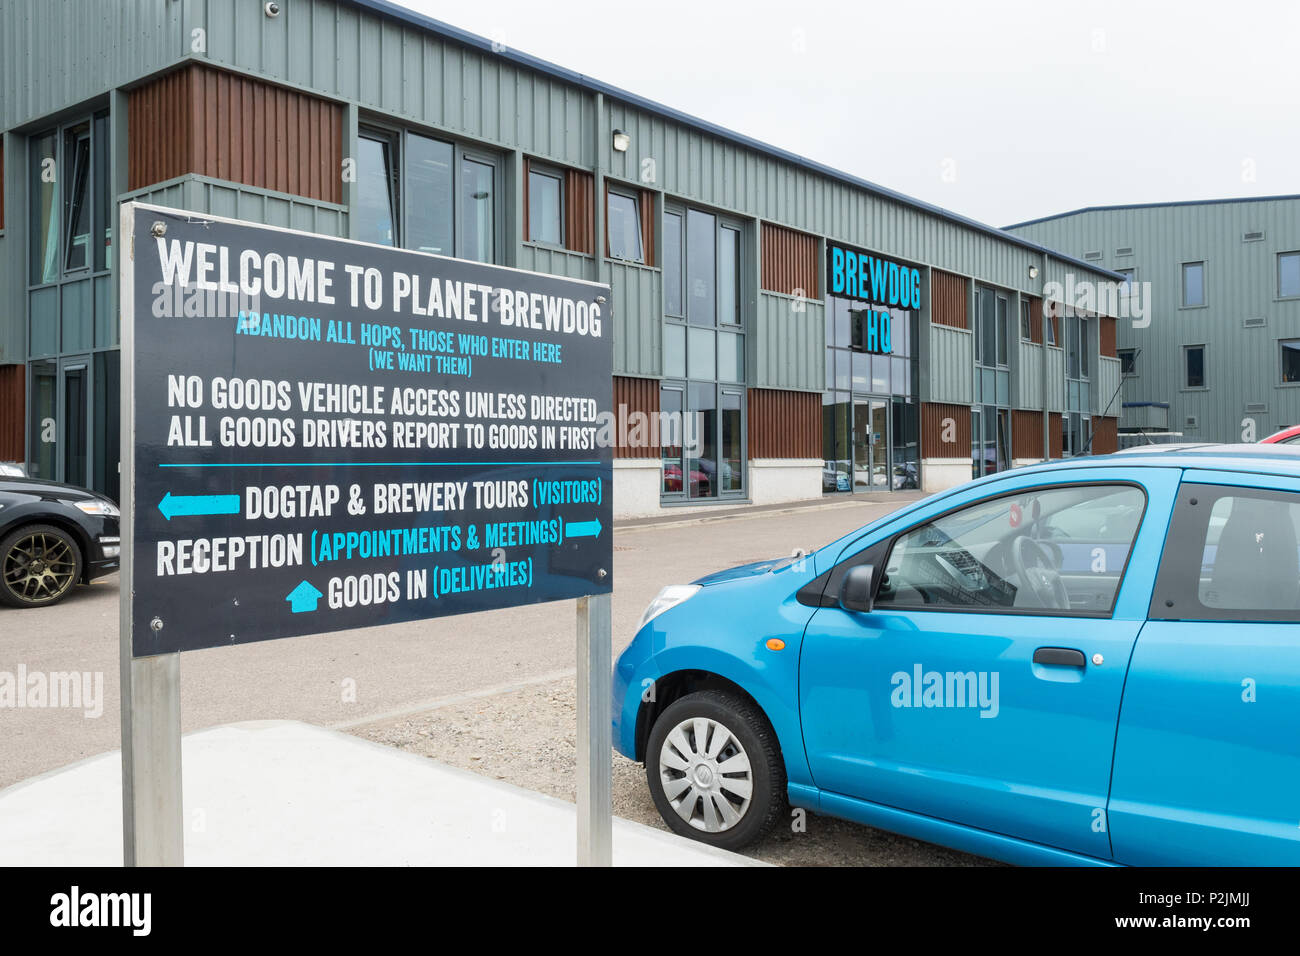 Bienvenue sur la planète brewdog BrewDog enseigne à l'extérieur du siège social de l'AC, Ellon, Aberdeenshire, Scotland, UK Photo Stock